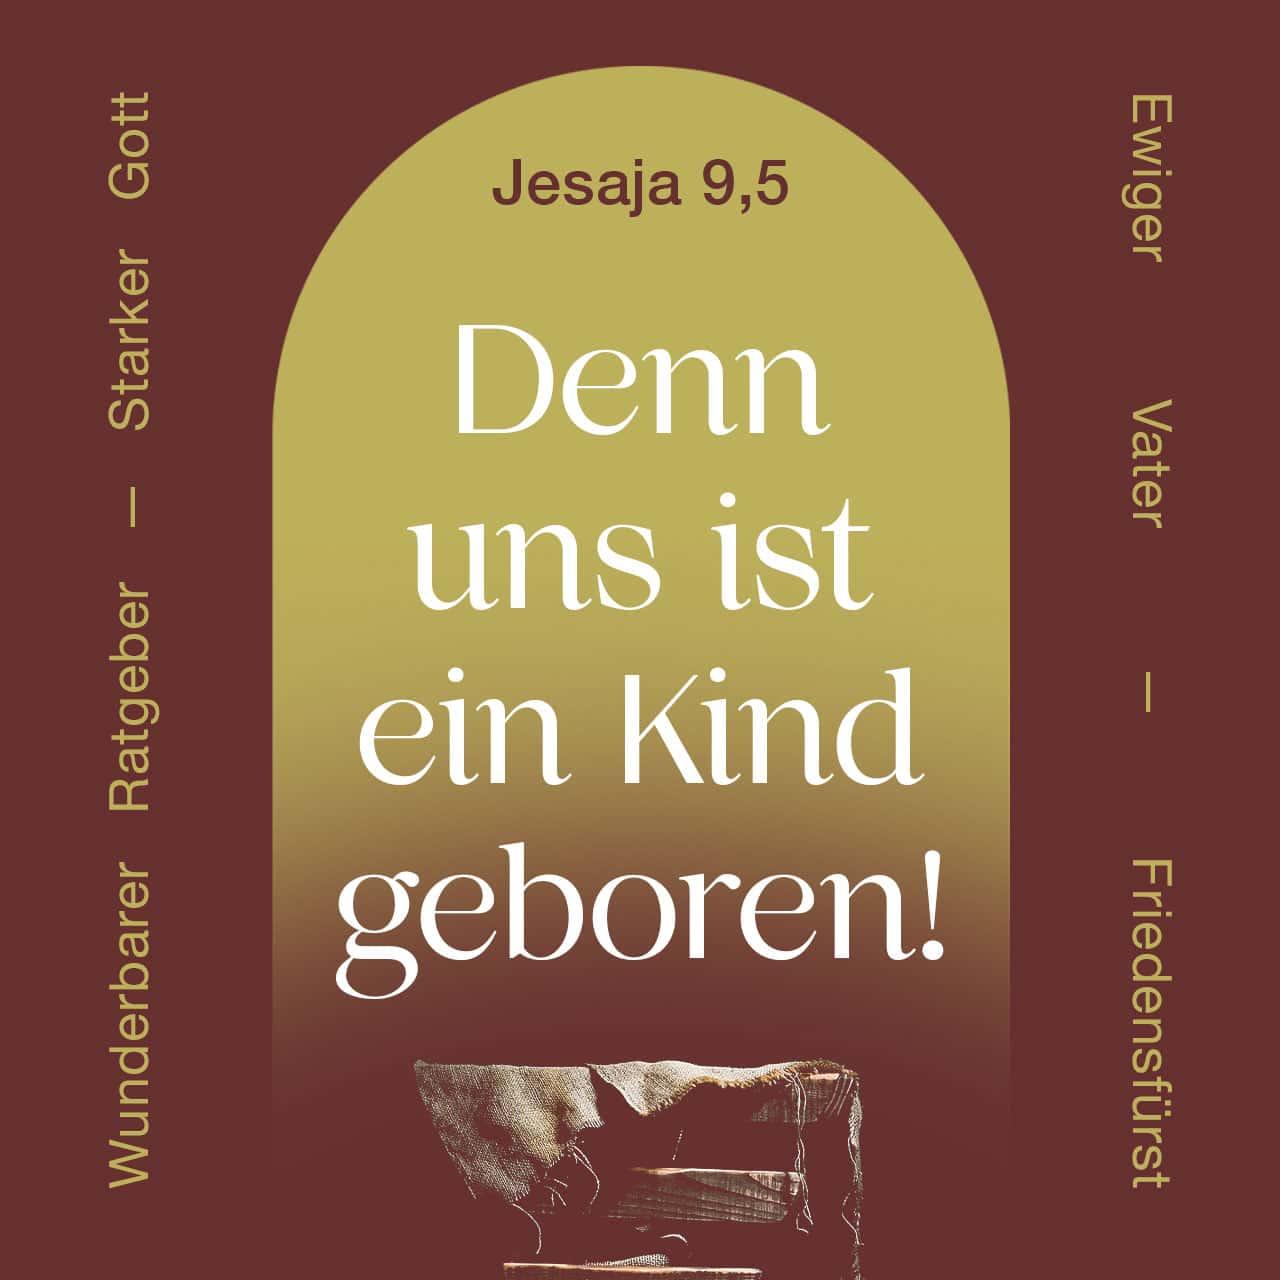 """Versbild für """"Denn uns ist in Kind geboren"""" aus Jesaja 9,5."""